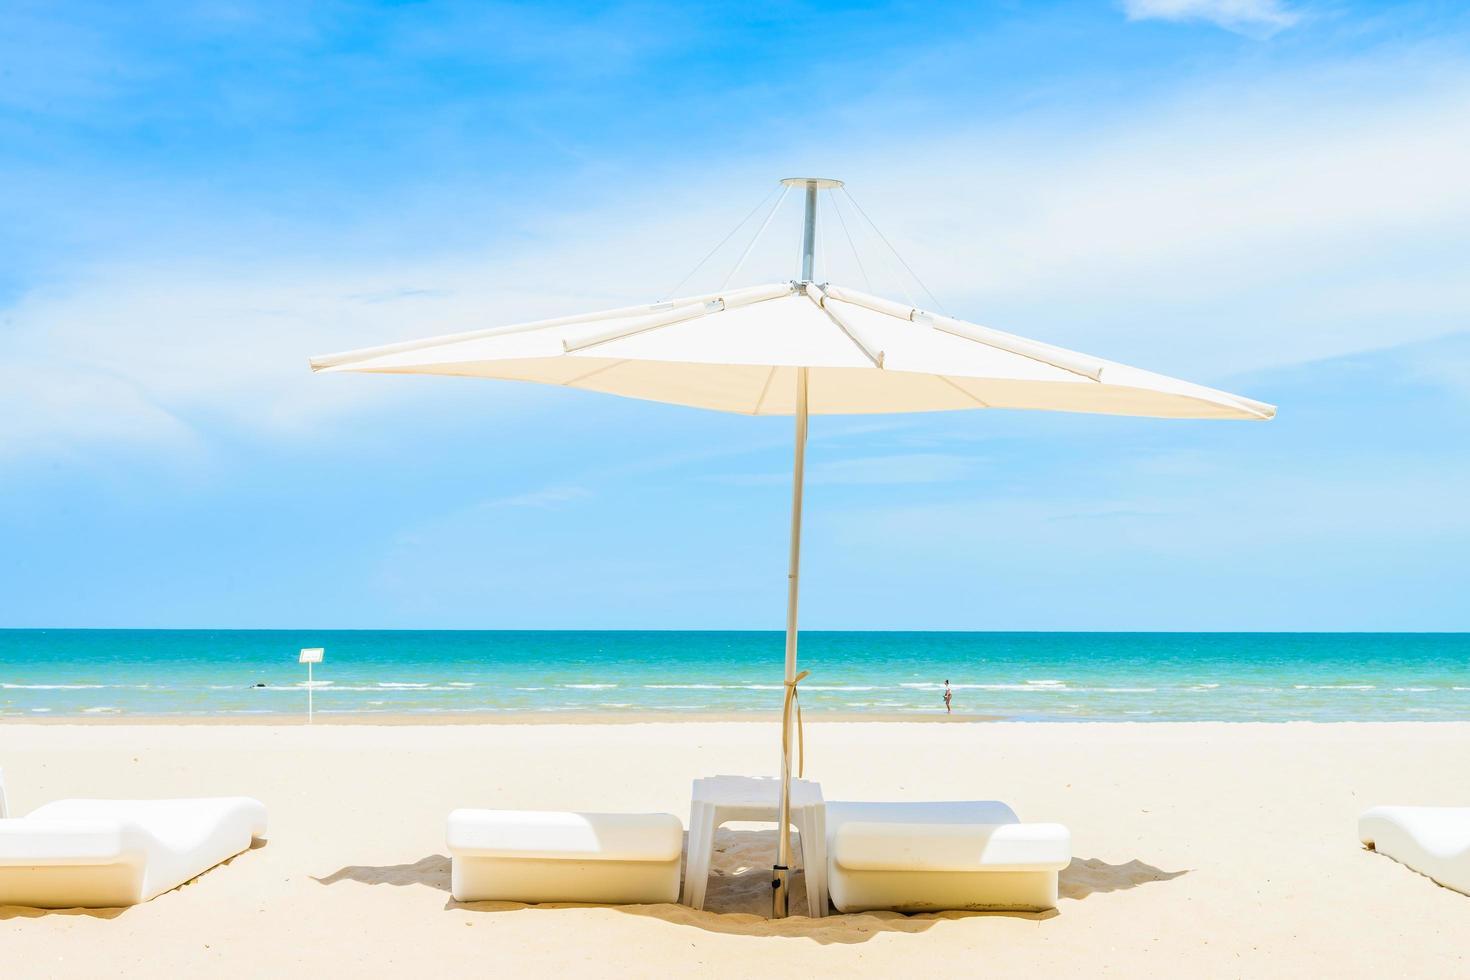 sombrilla y silla en la playa foto